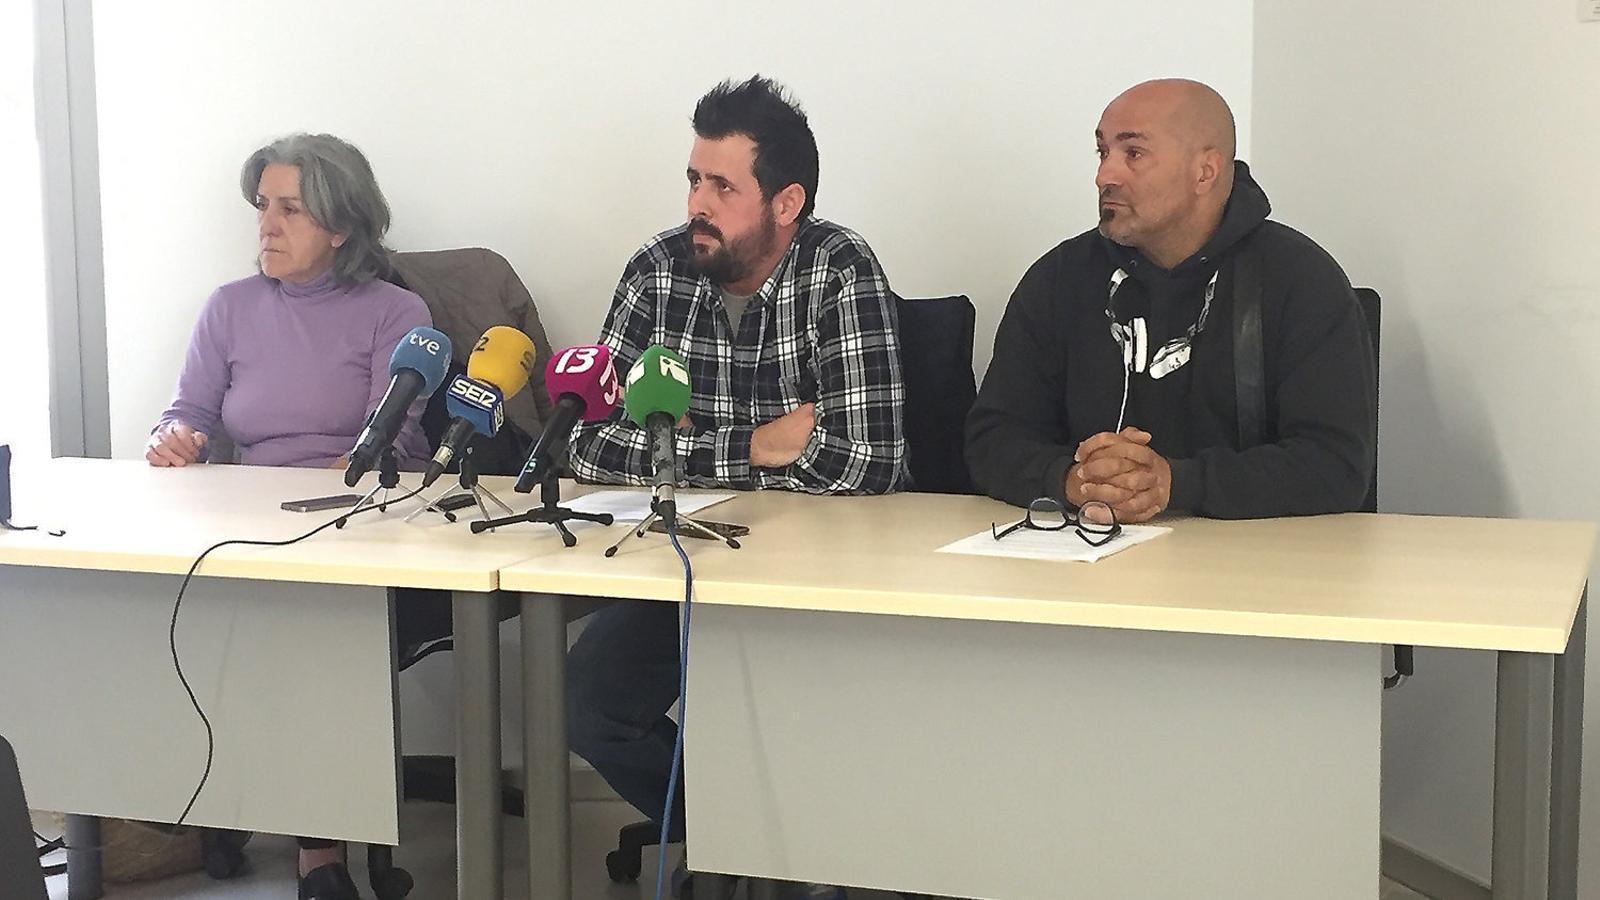 """Els representants sindicals dels treballadors de la cuina de Can Misses varen llegir una carta davant els mitjans per explicar que se senten """"indefensos"""" davant la situació."""